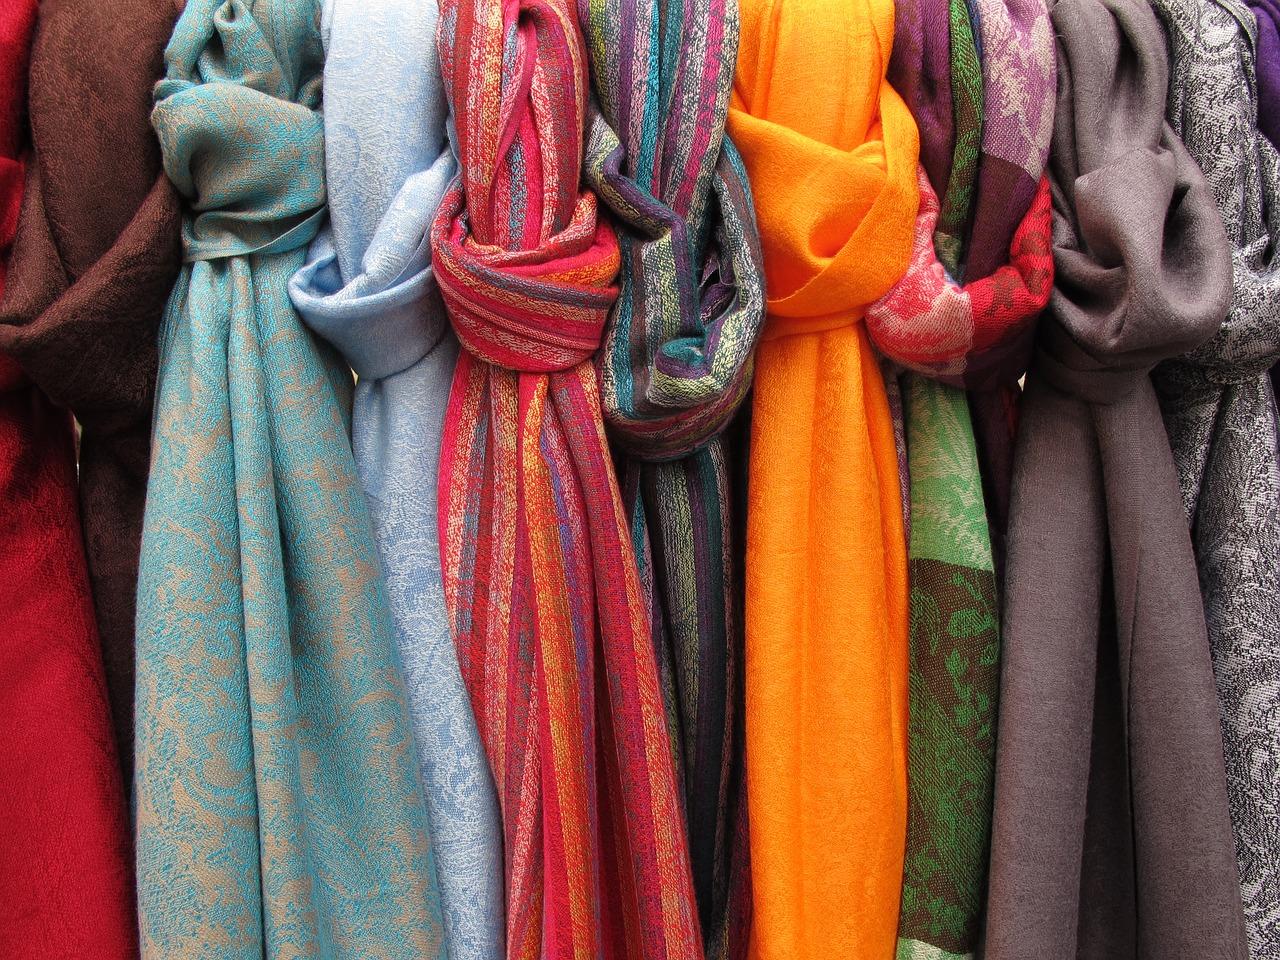 Textile Fabric Types by Fiber Sources - Textile School